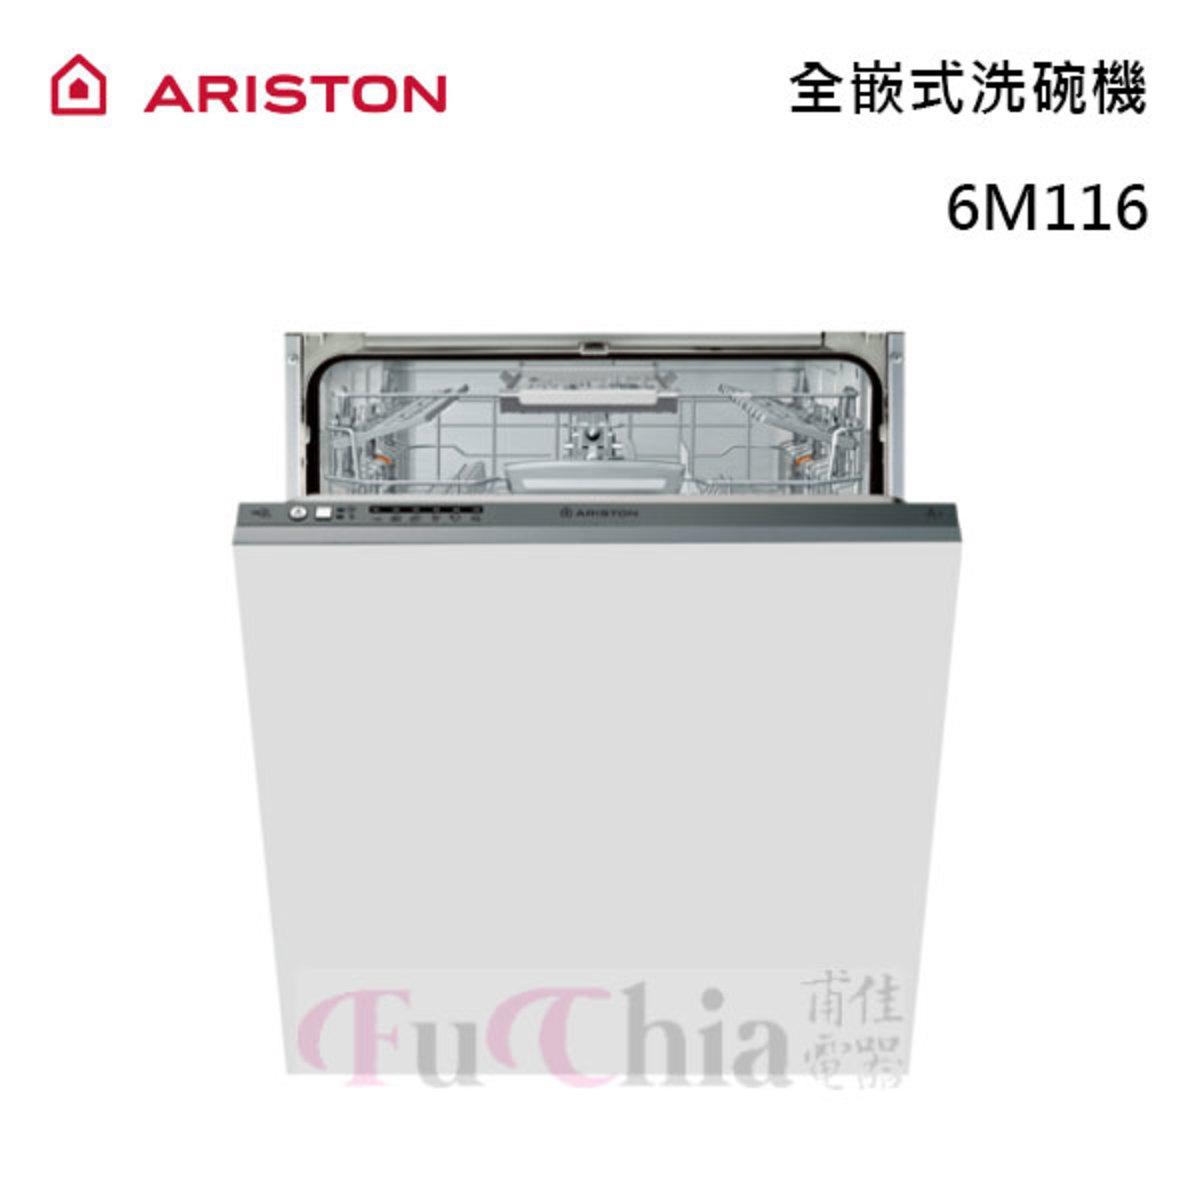 ARISTON 6M116 全嵌入式 洗碗機 220V